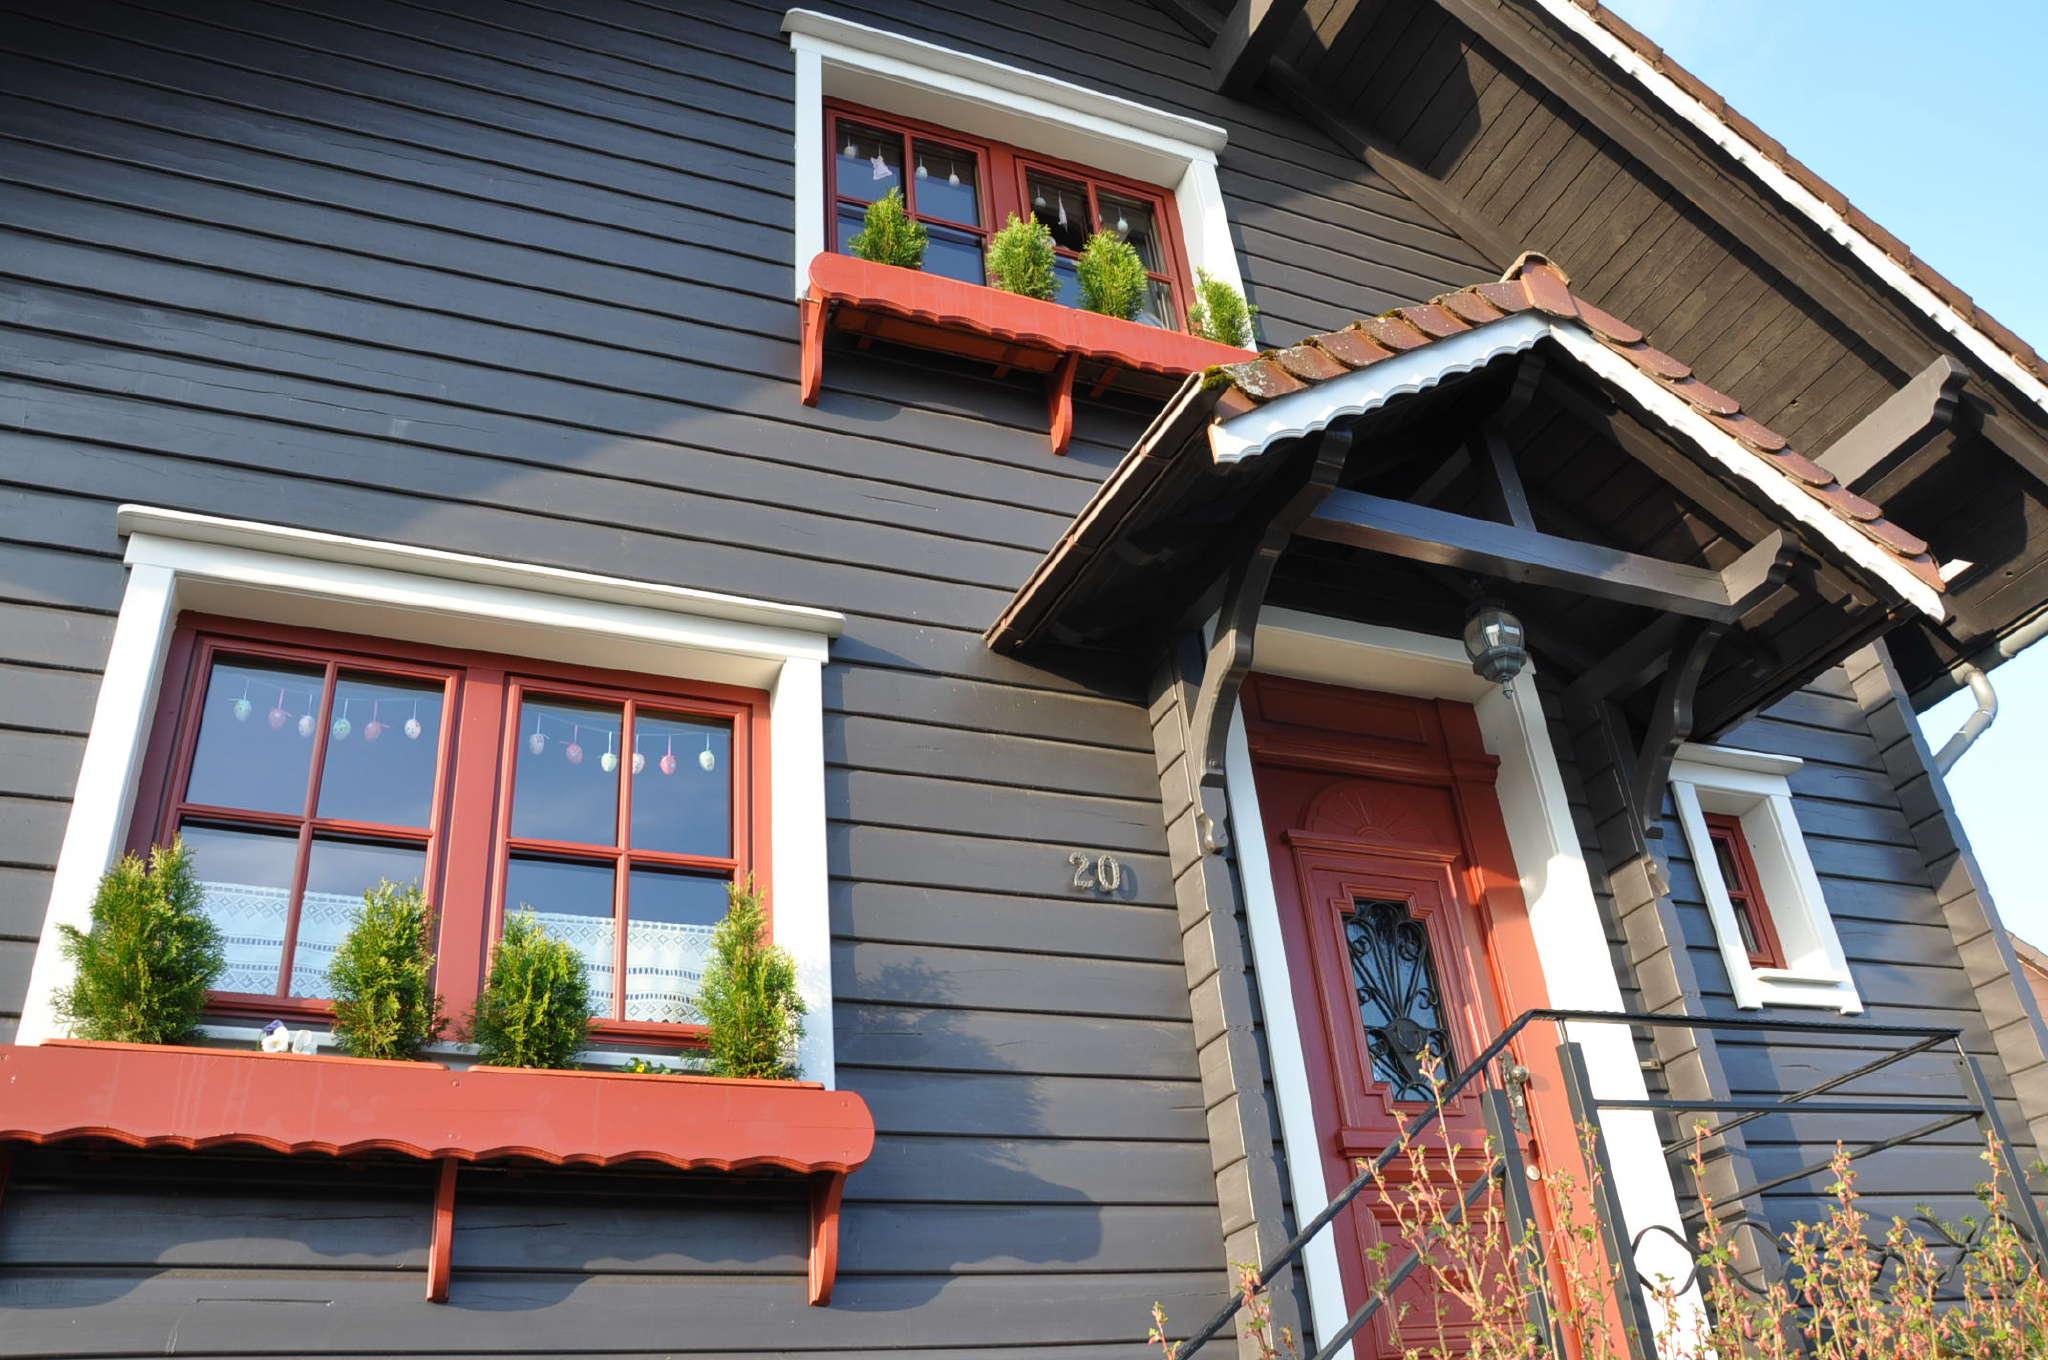 Detailbild von Hexenstubenhaus - Blockbohlenhaus